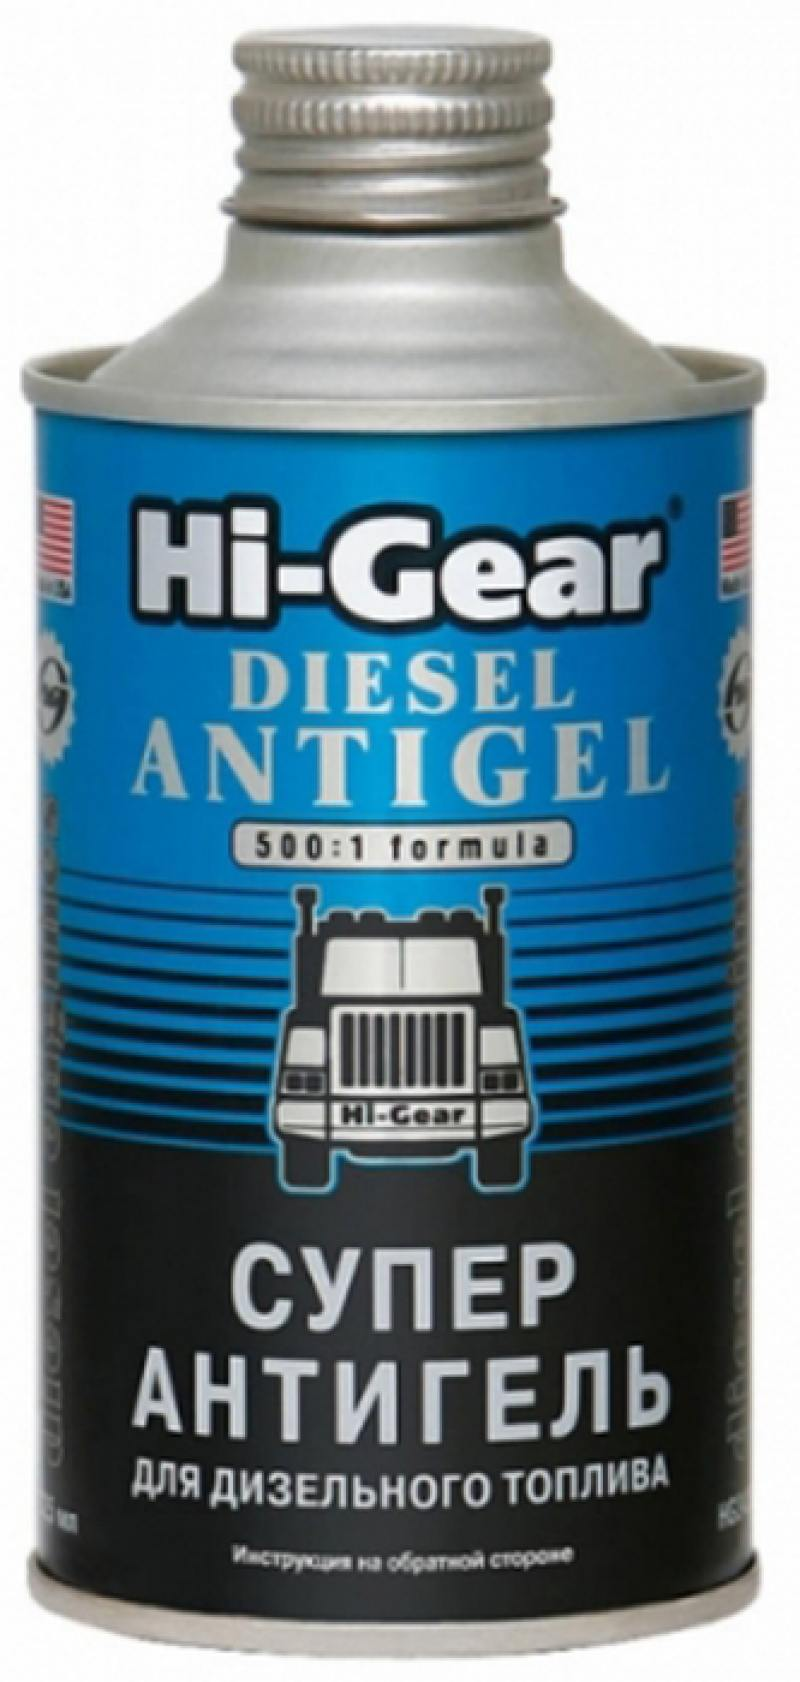 Суперантигель для дизтоплива Hi Gear HG 3426 смазка hi gear hg 5503 универсальная